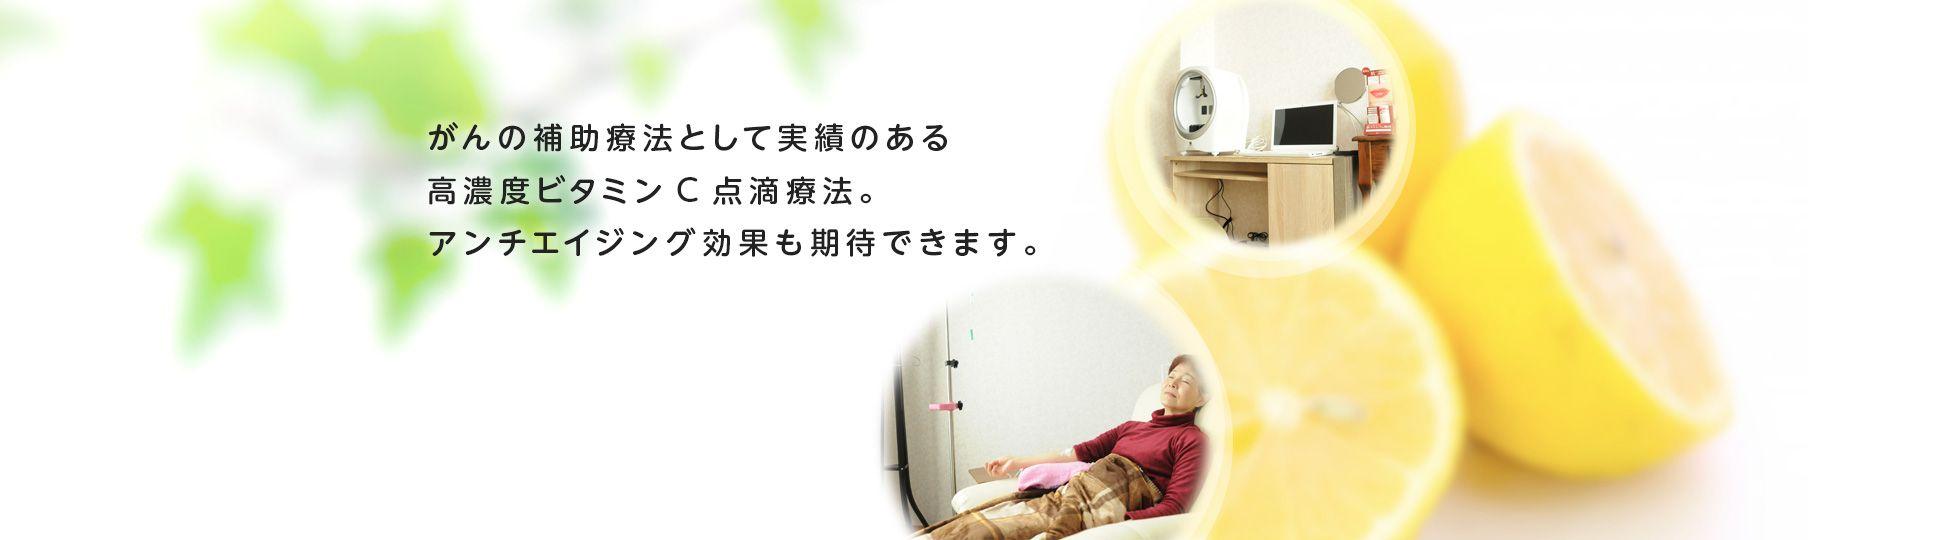 がんの補助療法として実績のある高濃度ビタミンC点滴療法。アンチエイジング効果も期待できます。